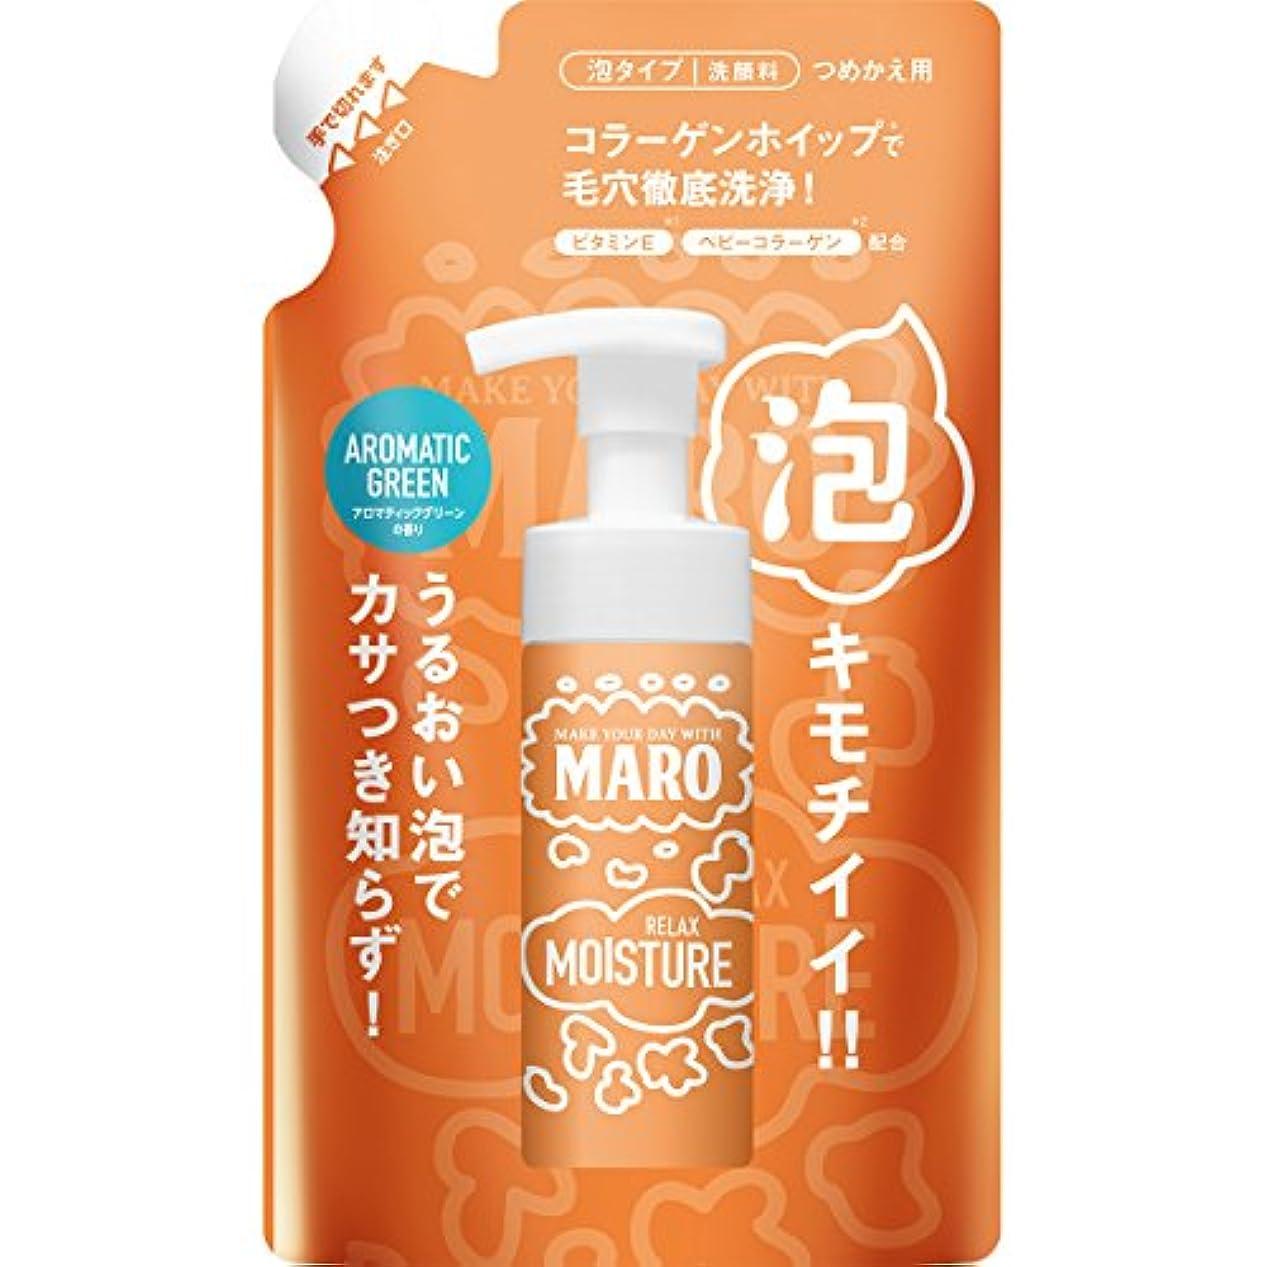 いたずらな骨の折れる通りMARO グルーヴィー 泡洗顔 詰め替え リラックスモイスチャー 130ml